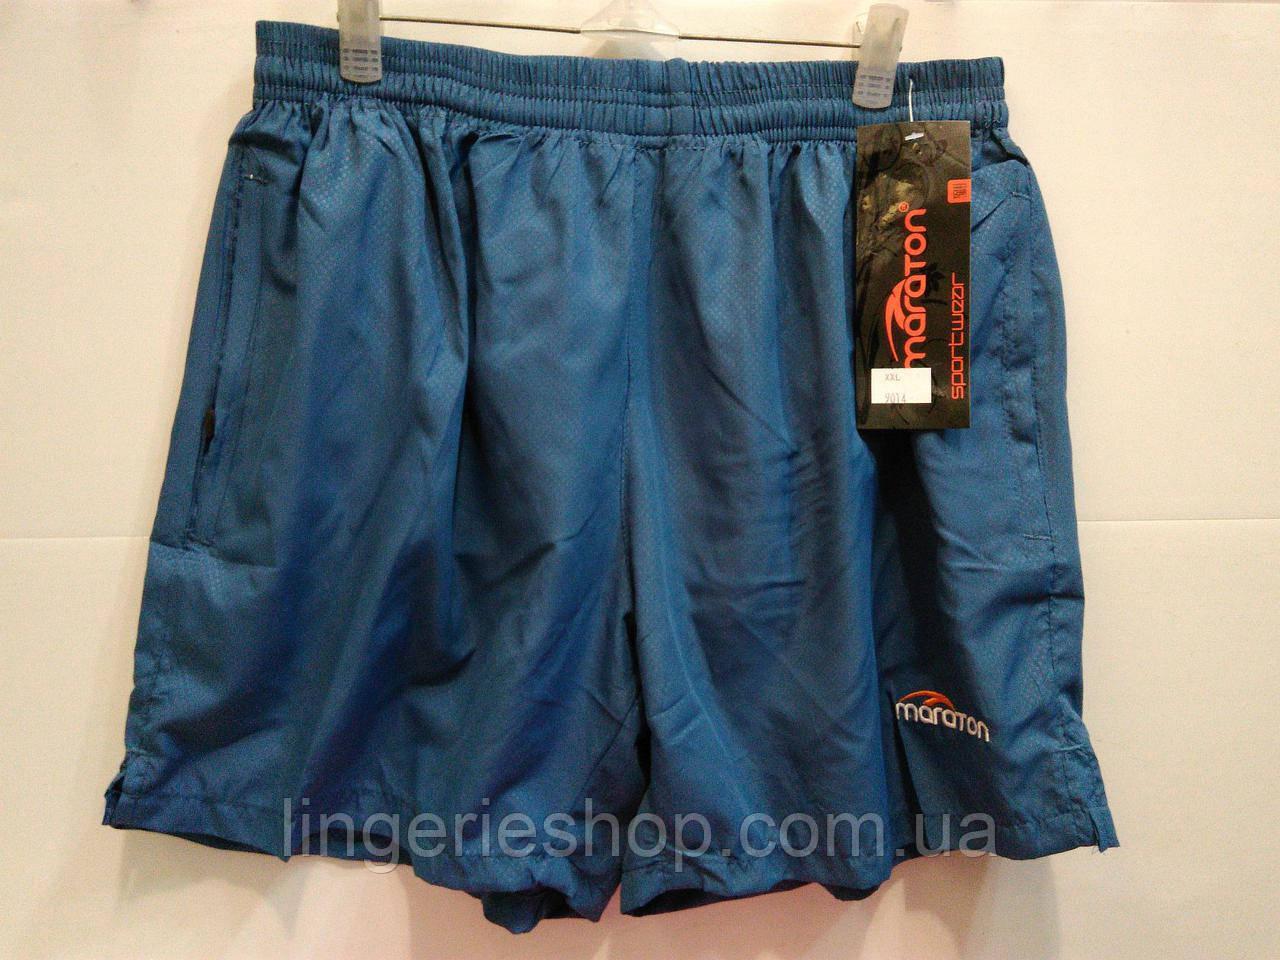 Шорты Спорт мужские maraton цвет джинс